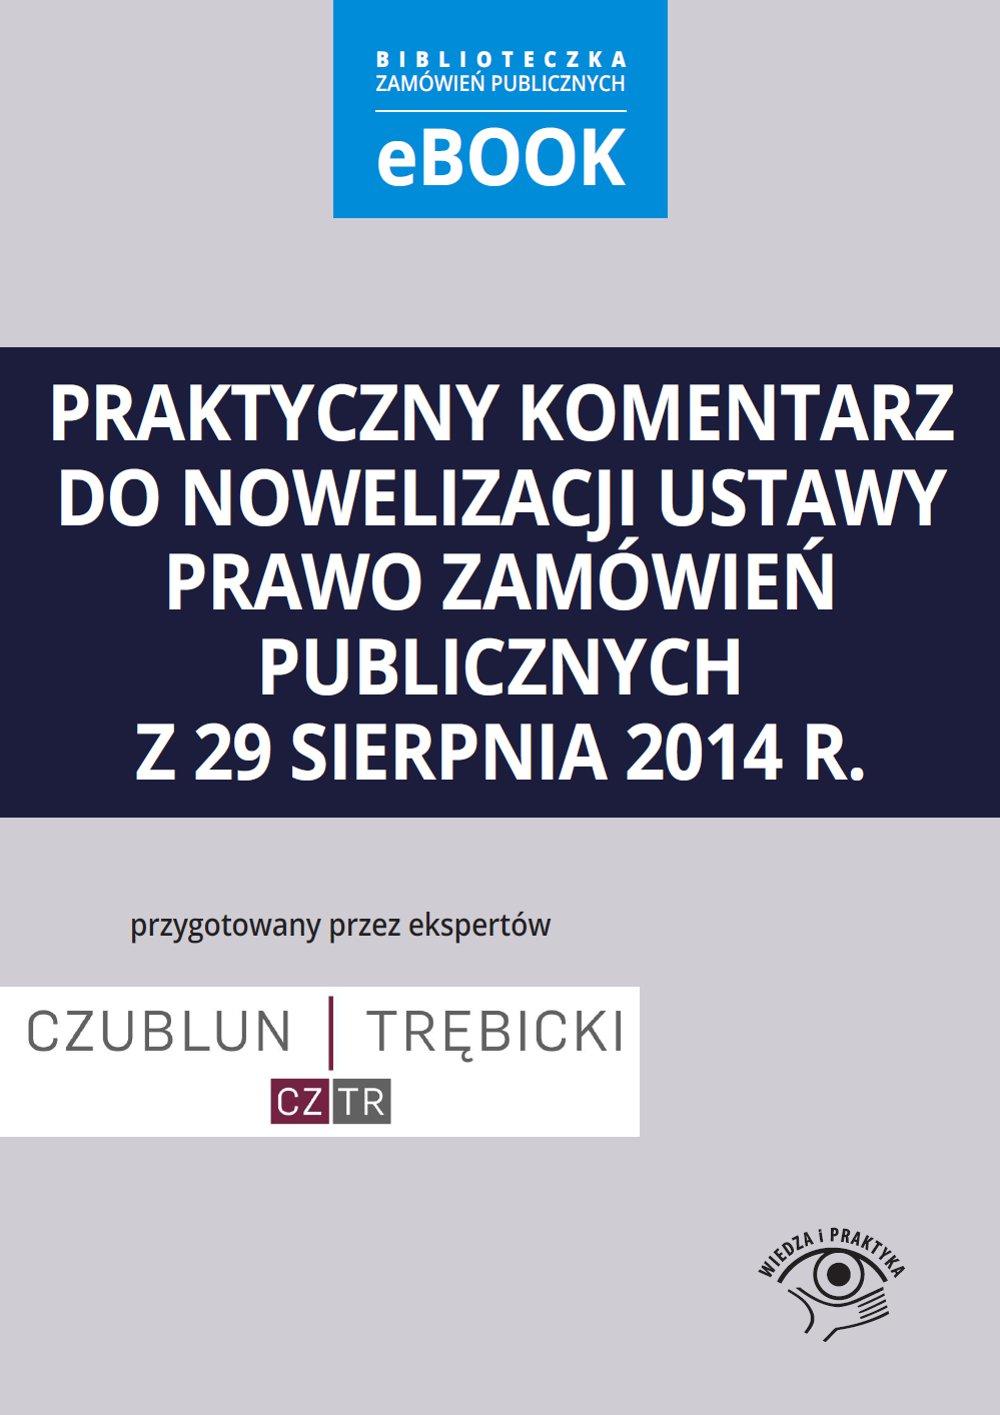 Praktyczny komentarz do nowelizacji ustawy prawo zamówień publicznych z 29 sierpnia 2014 r. - Ebook (Książka PDF) do pobrania w formacie PDF